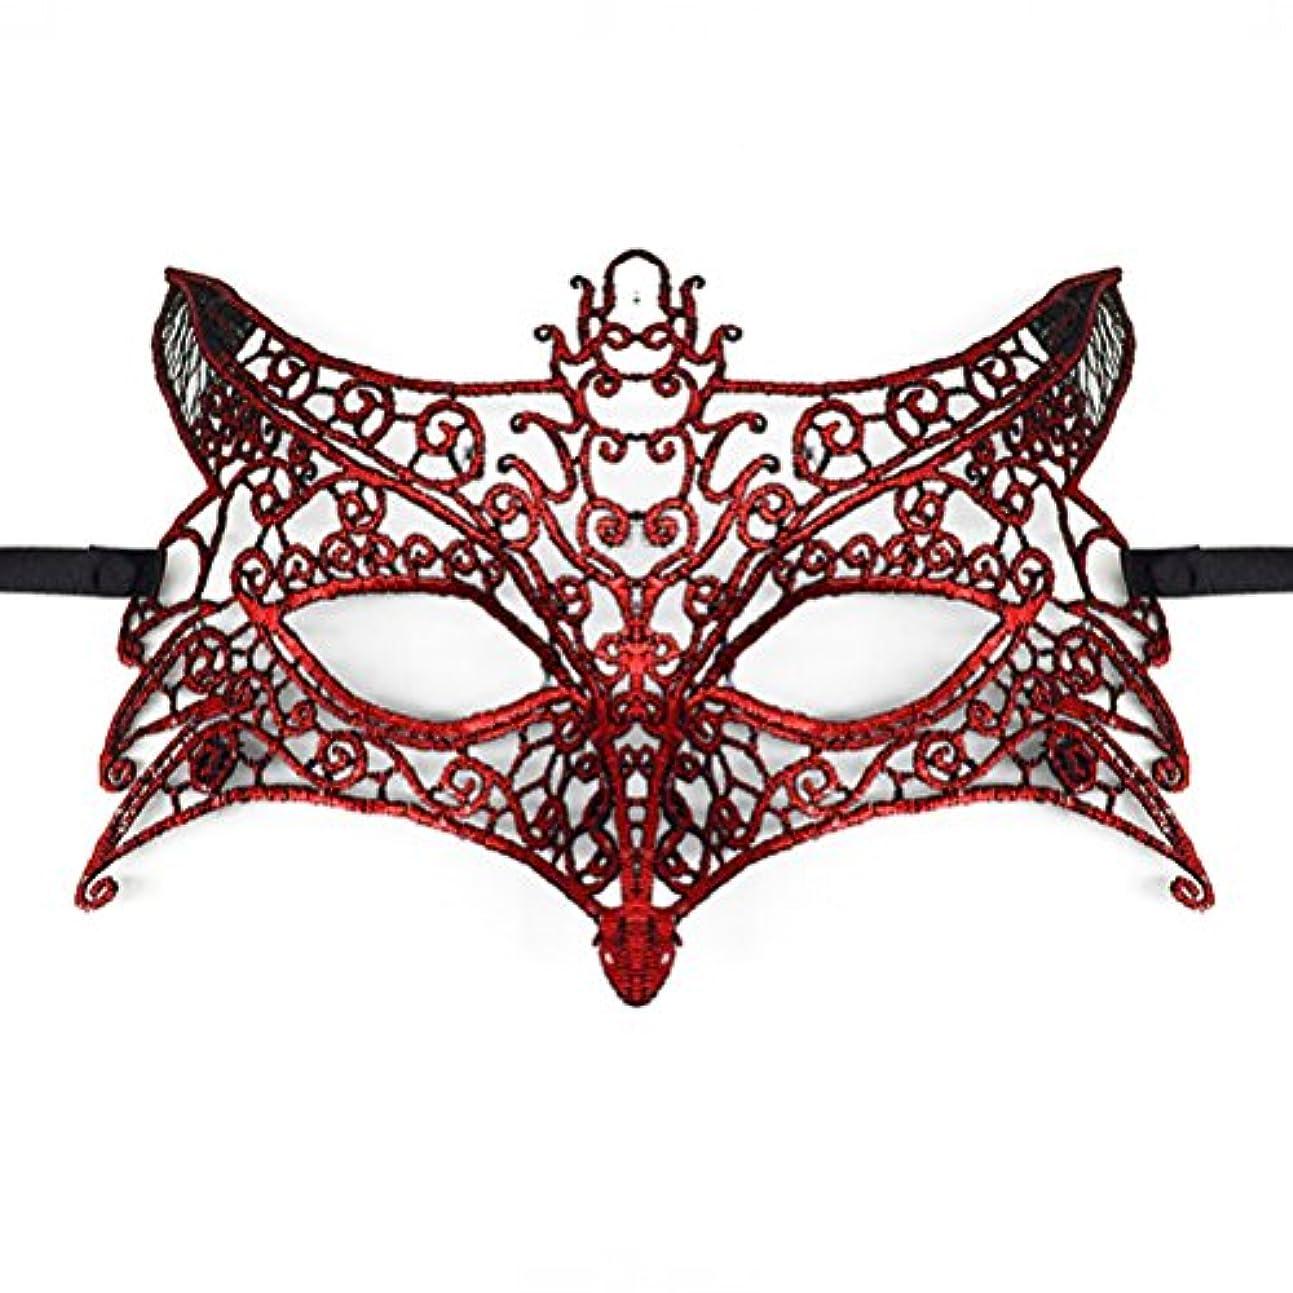 回復怖がって死ぬ不適Toyvian ハロウィーンパーティー用レースマスカレードマスク(ウルフヘッド)